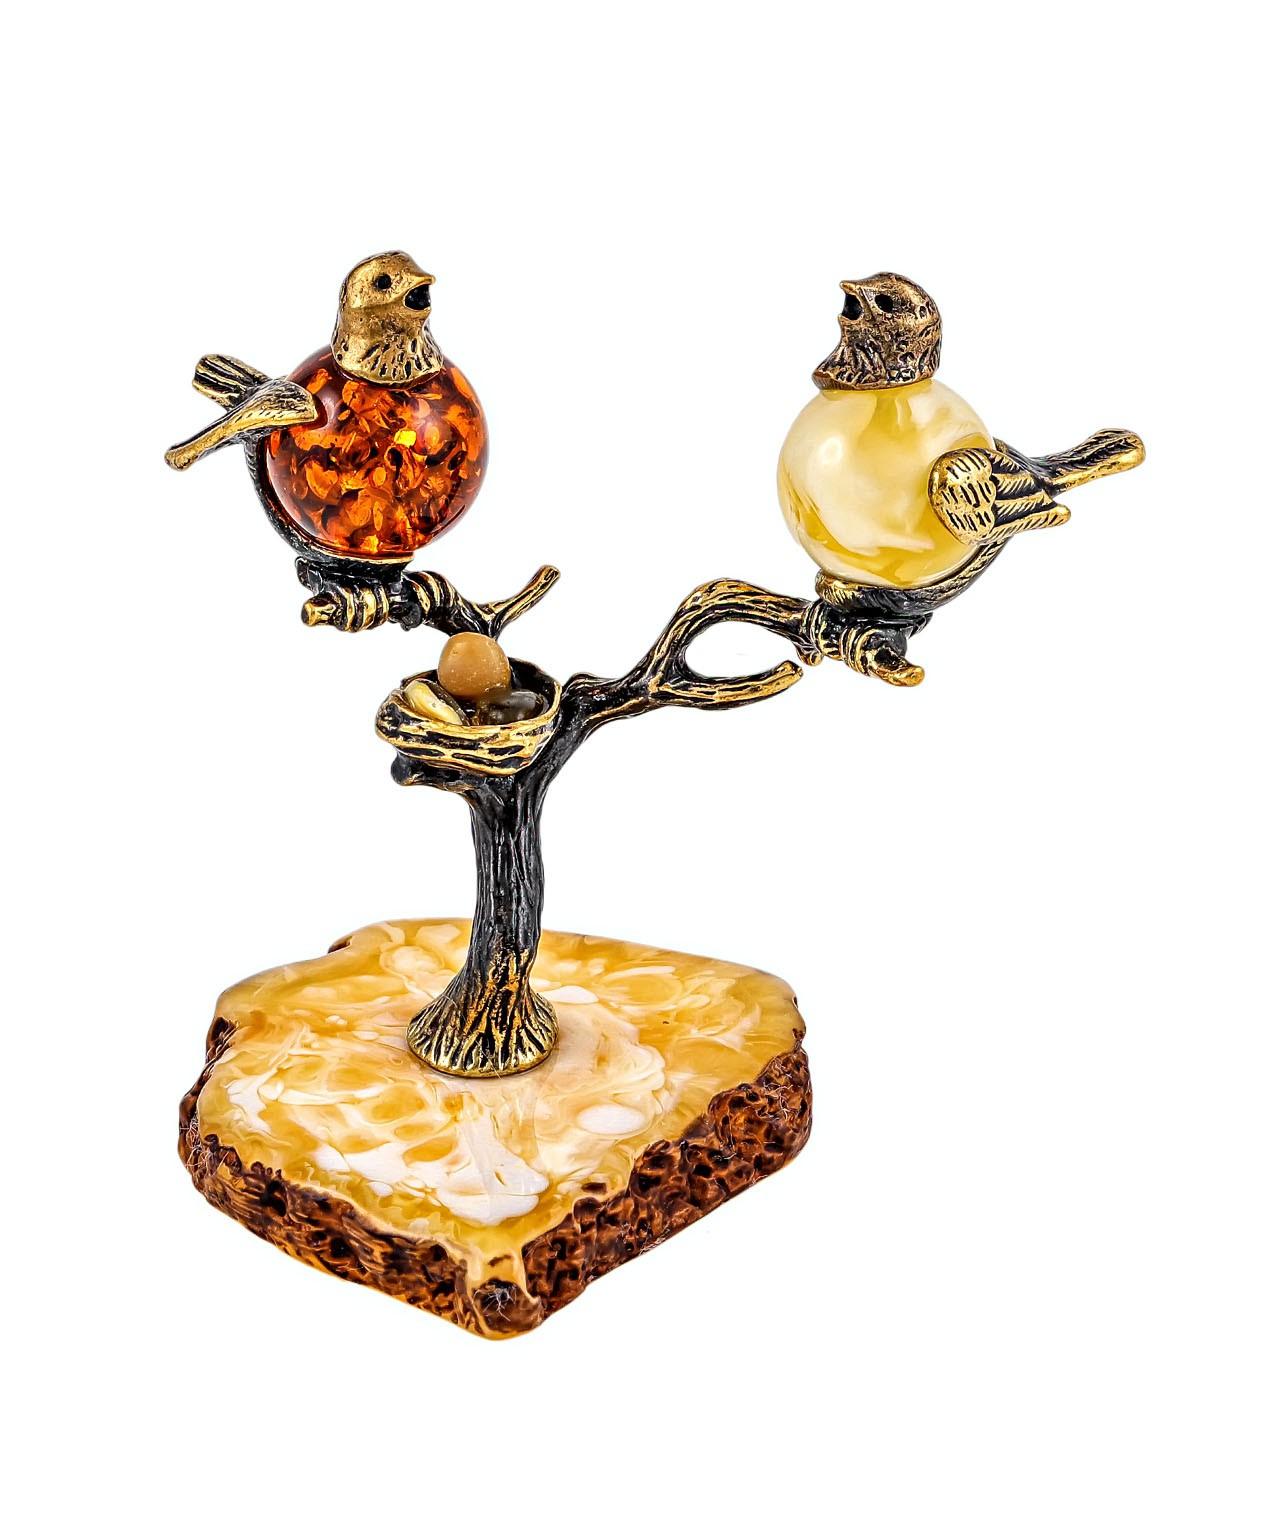 Птички на дереве 270